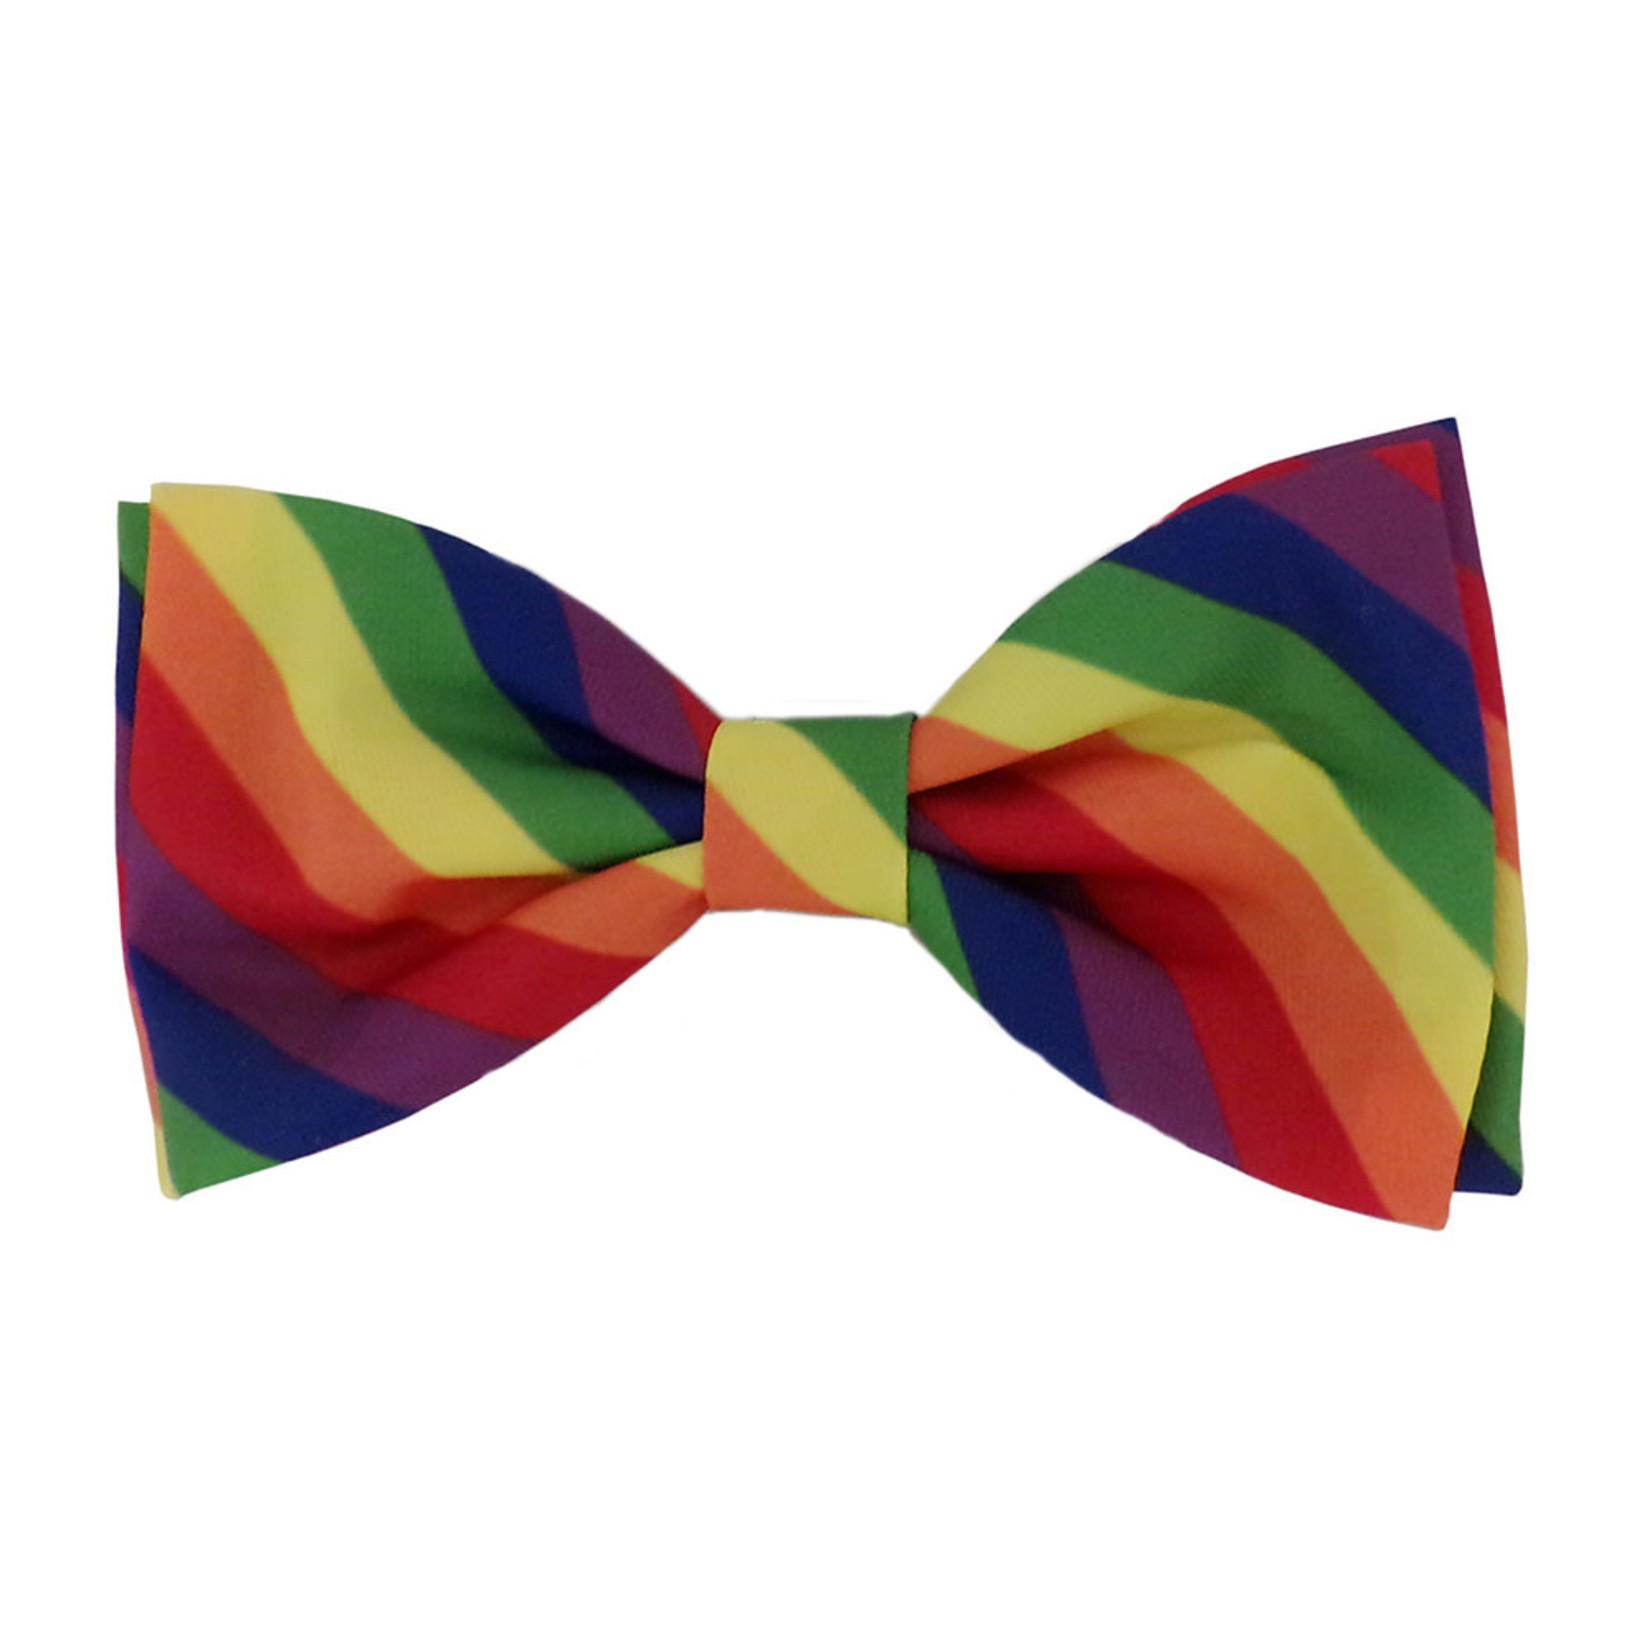 Huxley & Kent Huxley & Kent Bow Tie Rainbow Large